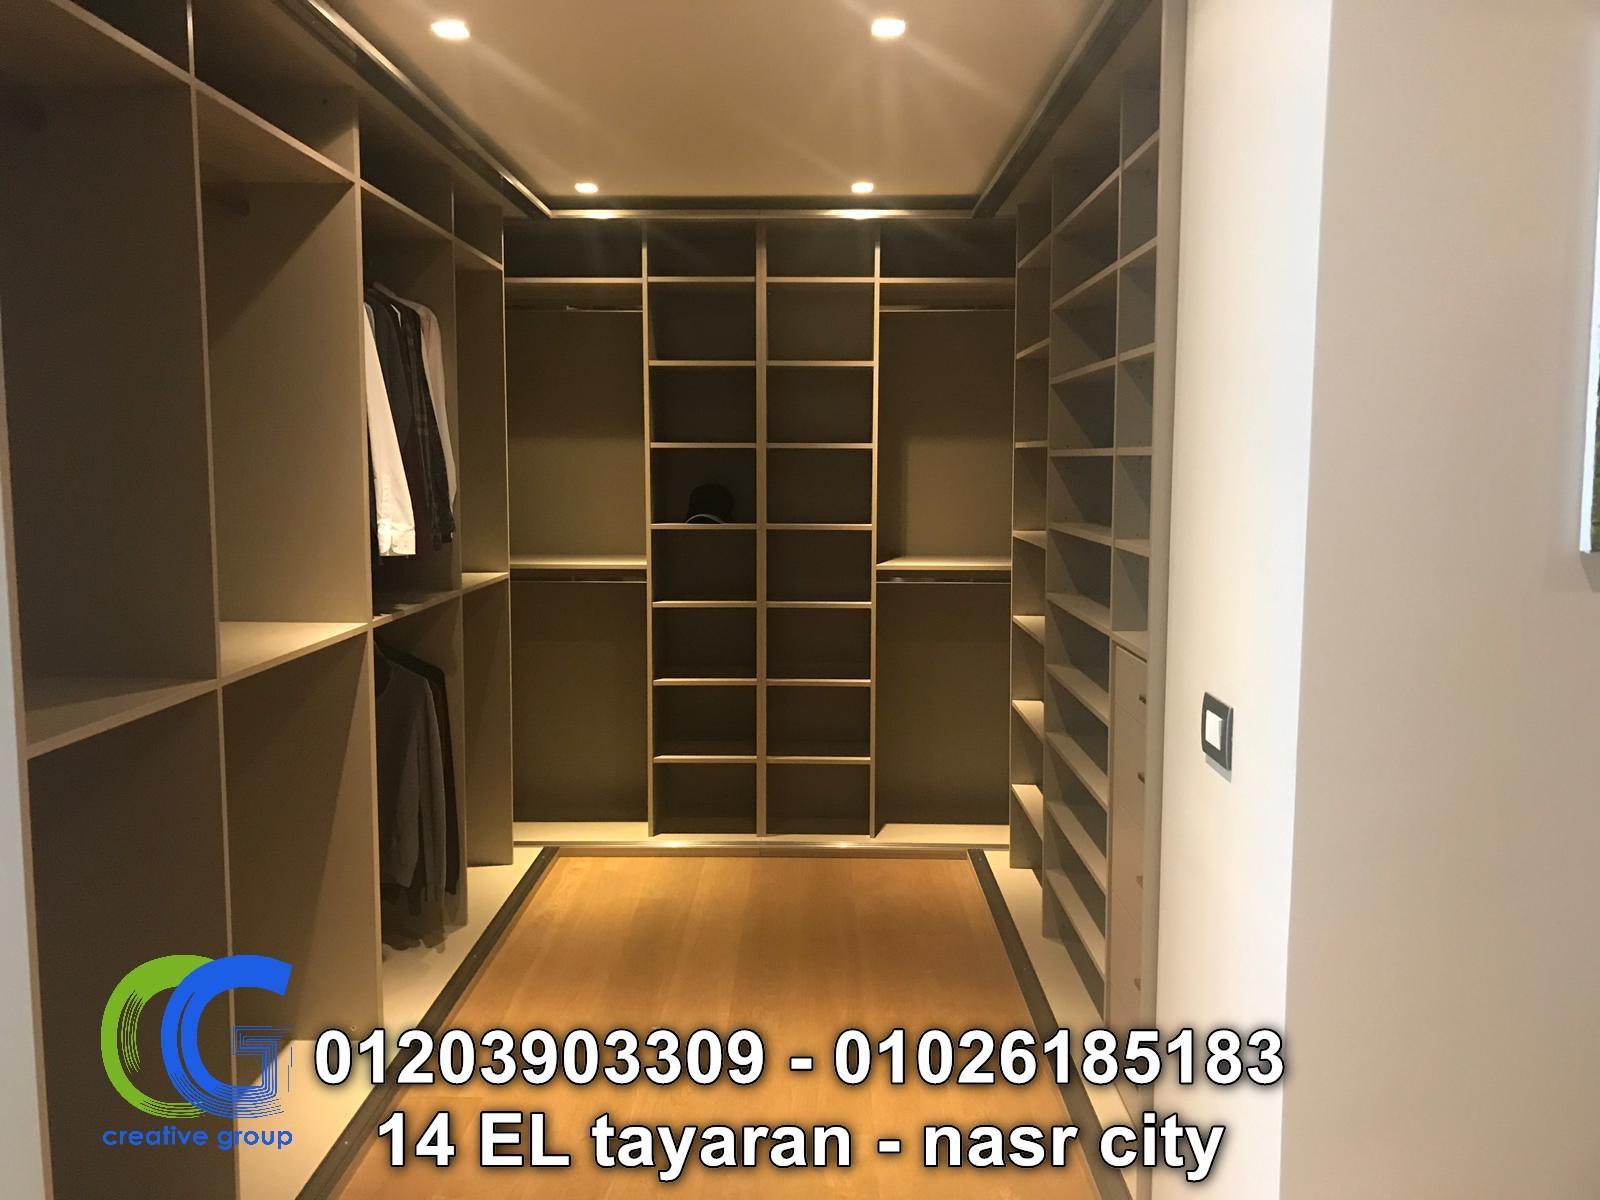 شركة دريسنج روم في مدينة نصر – كرياتف جروب  (  01026185183)                        556432432